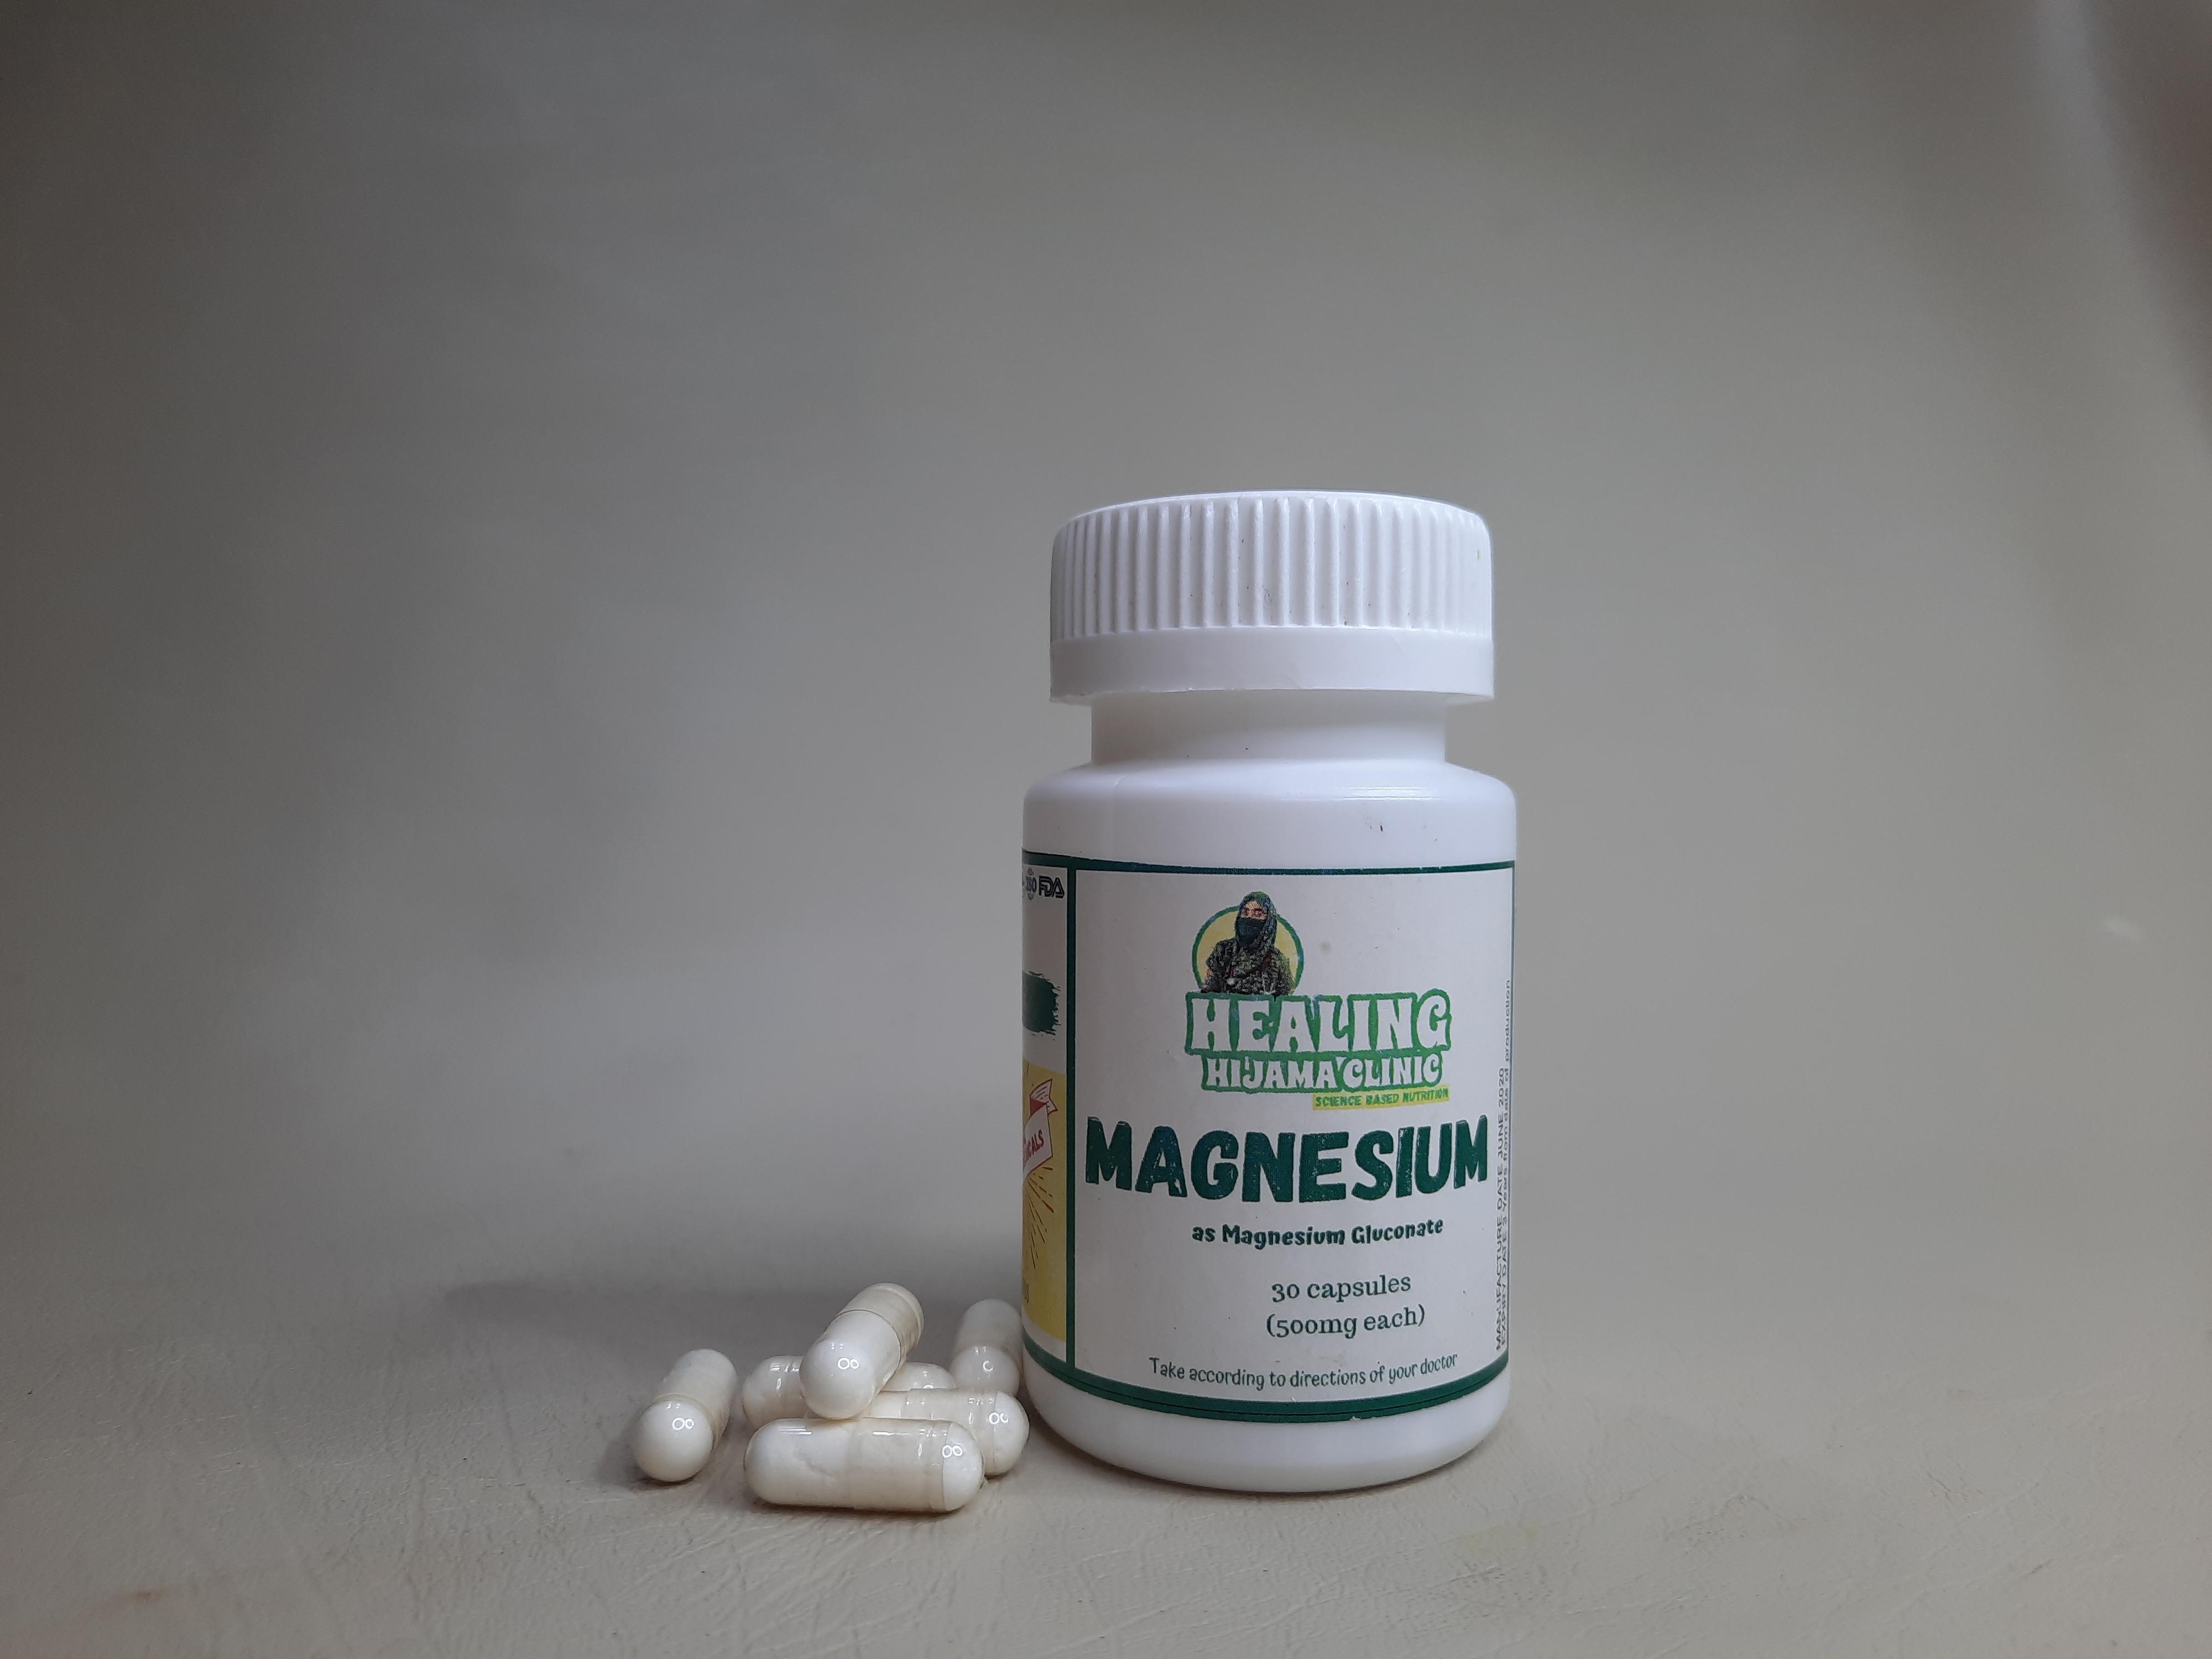 MAGNESIUM as magnesium gluconate